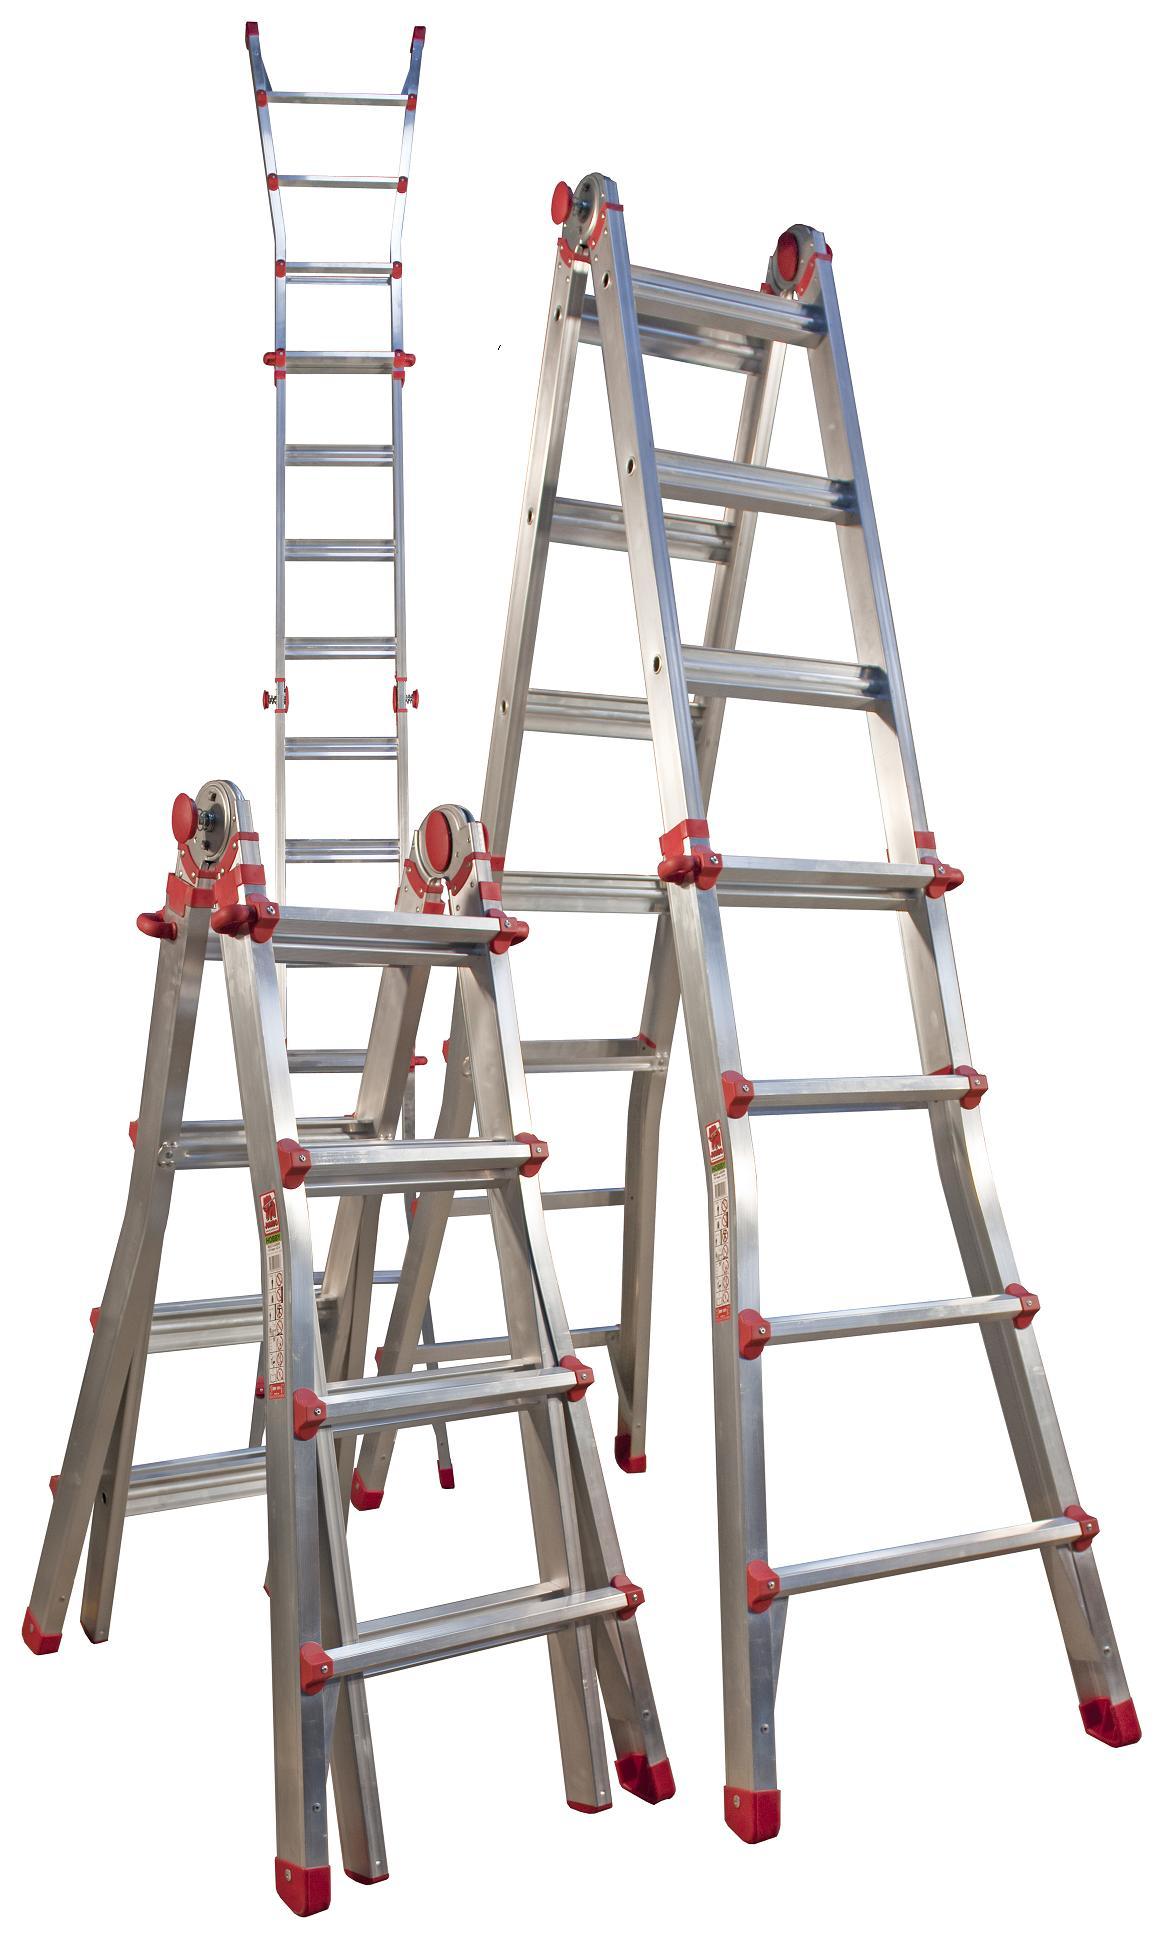 PROFI Doppel-Teleskopleiter Mehrzweckleiter Malerleiter Leiter 14 Stufen